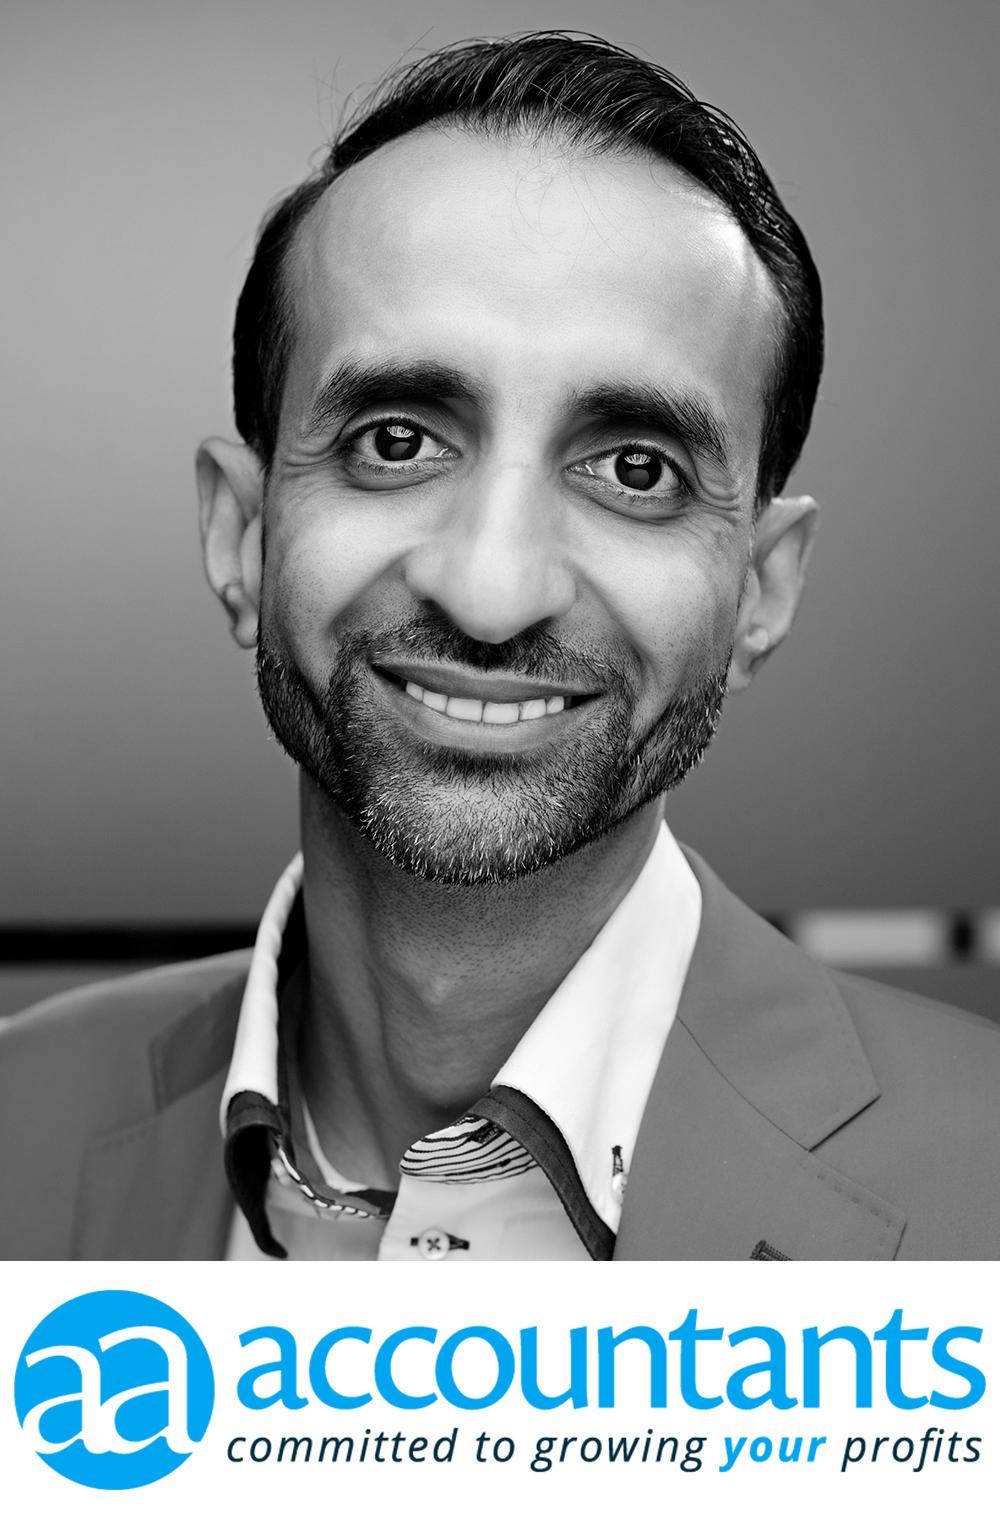 Shaz Nawaz  Managing Director, AA Chartered Accountants